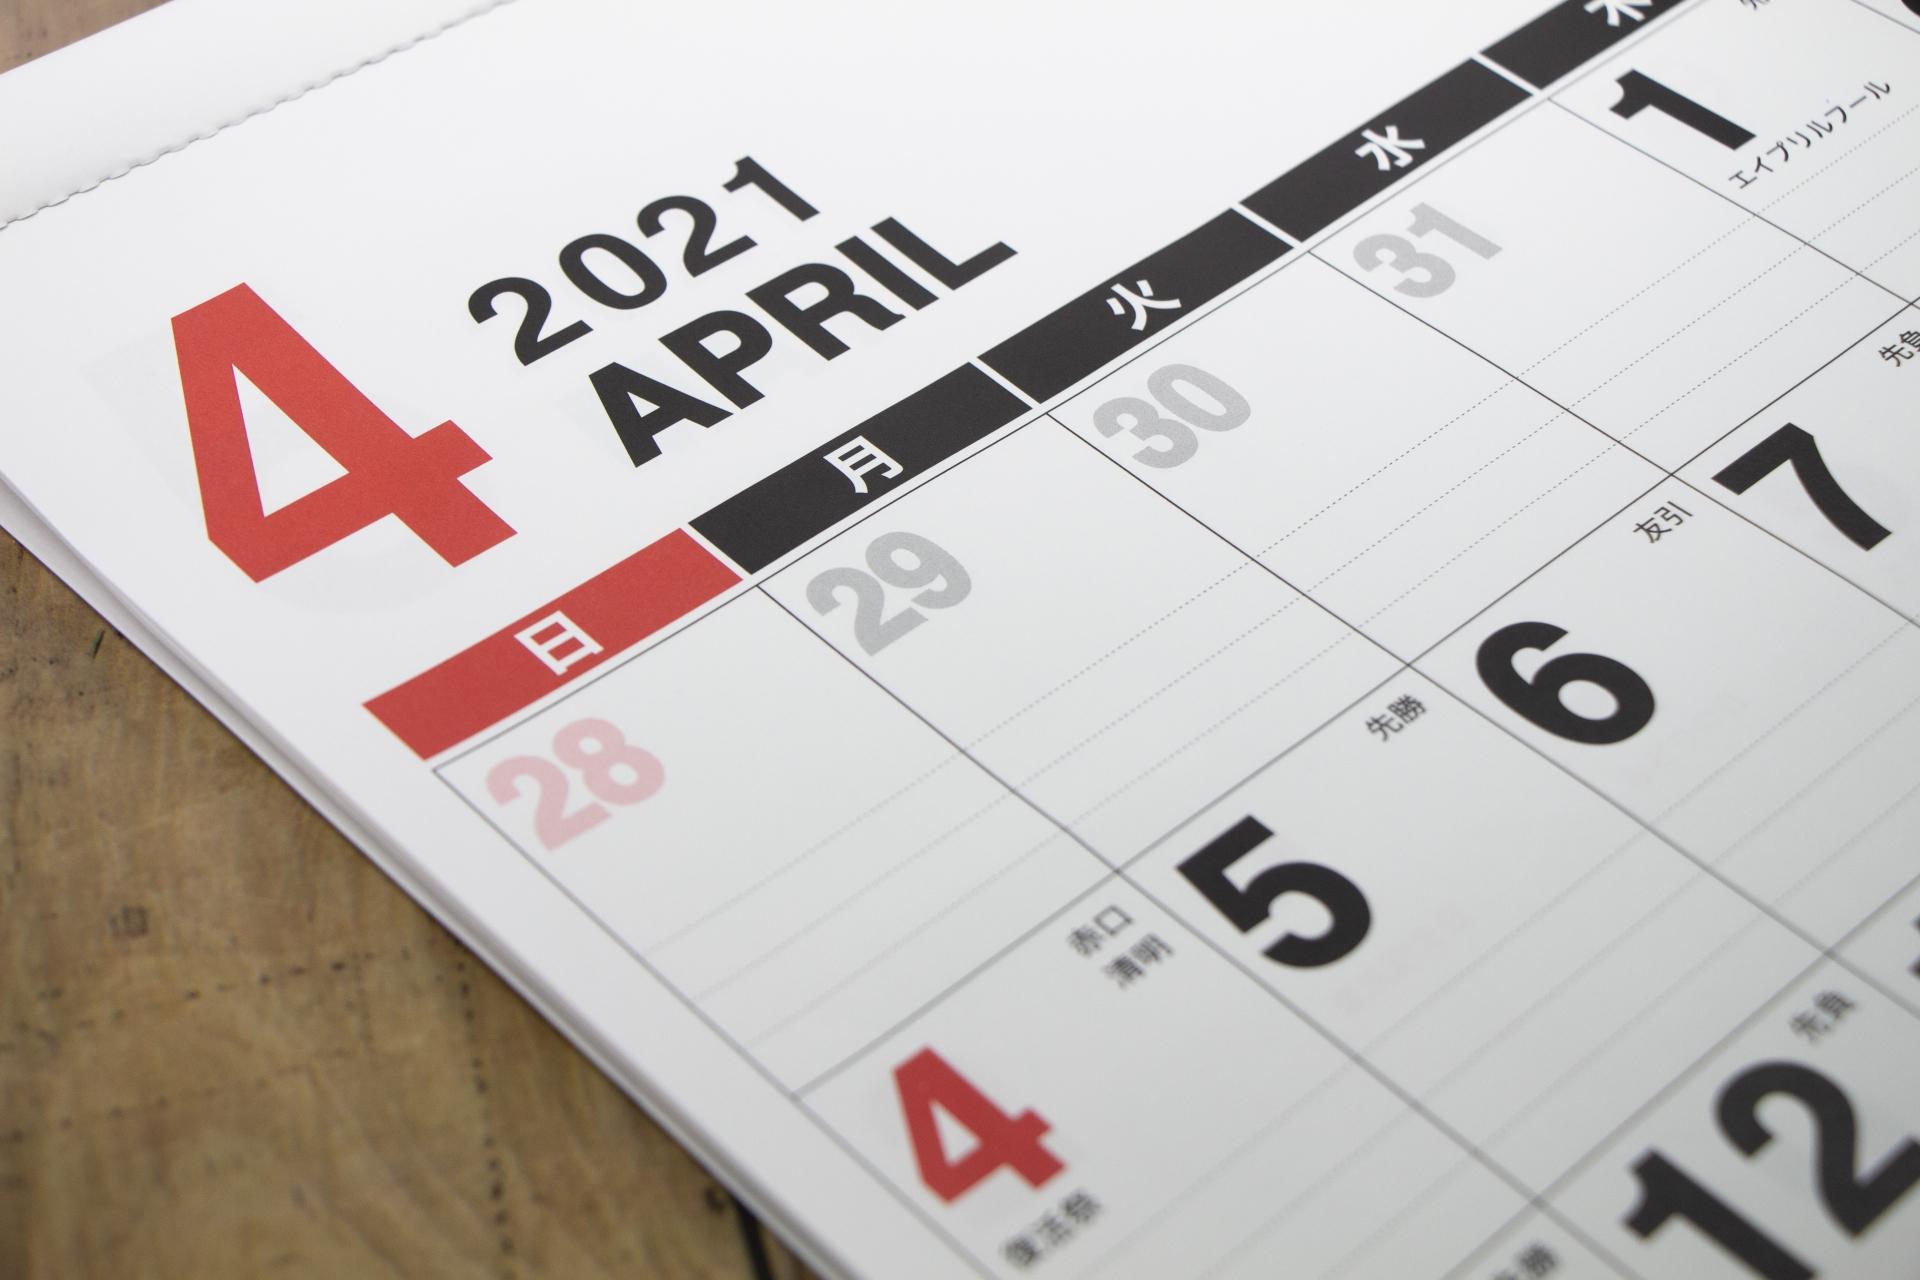 2021年4月カレンダーアイキャッチ画像